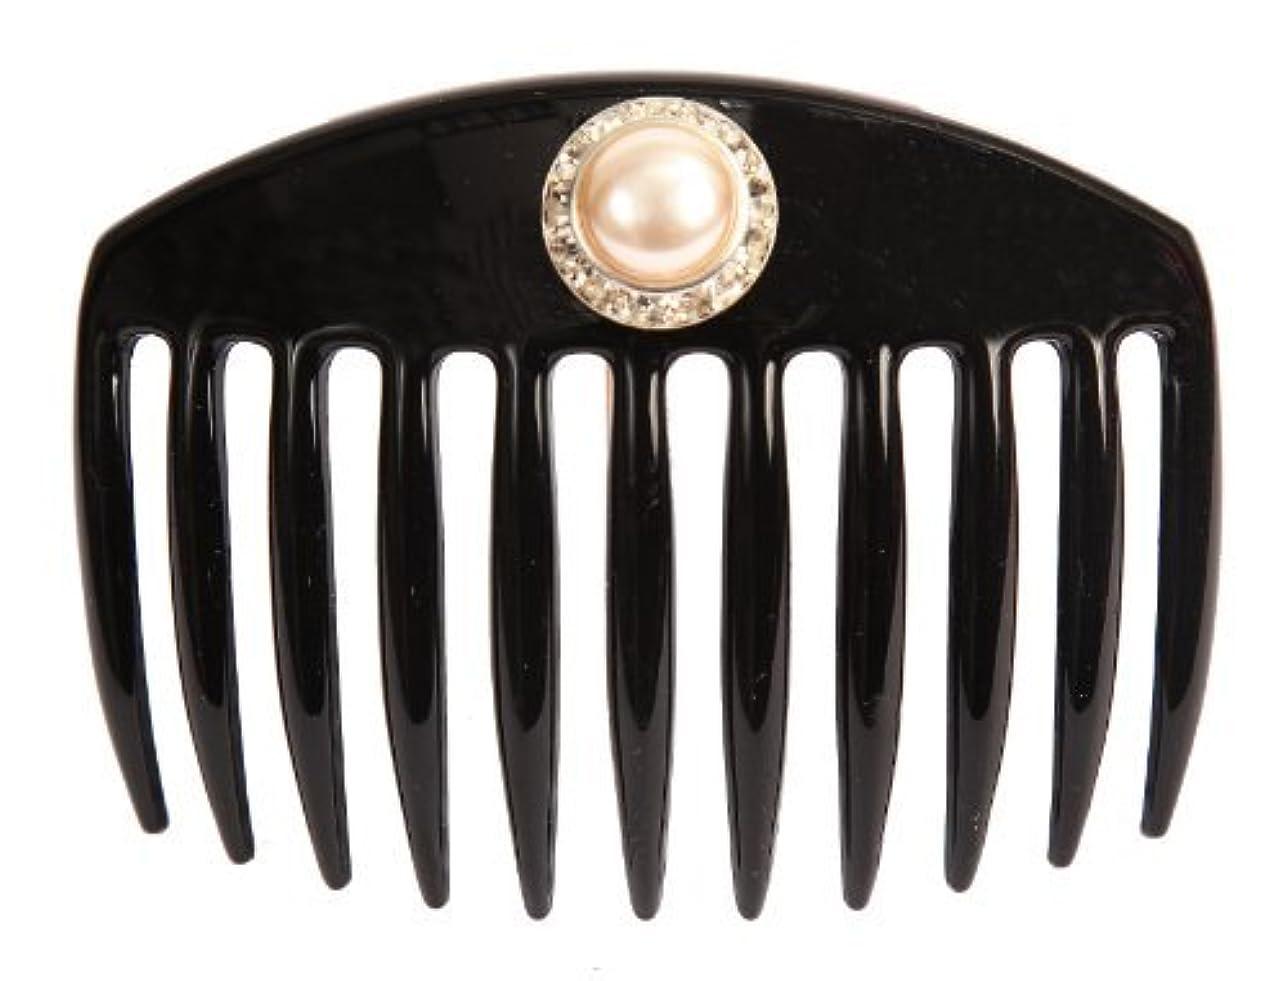 擬人シャワー作者Caravan Hand Decorated French Comb with Large Pearl and Swarovski Stones In Silver Setting, Black.65 Ounce [並行輸入品]